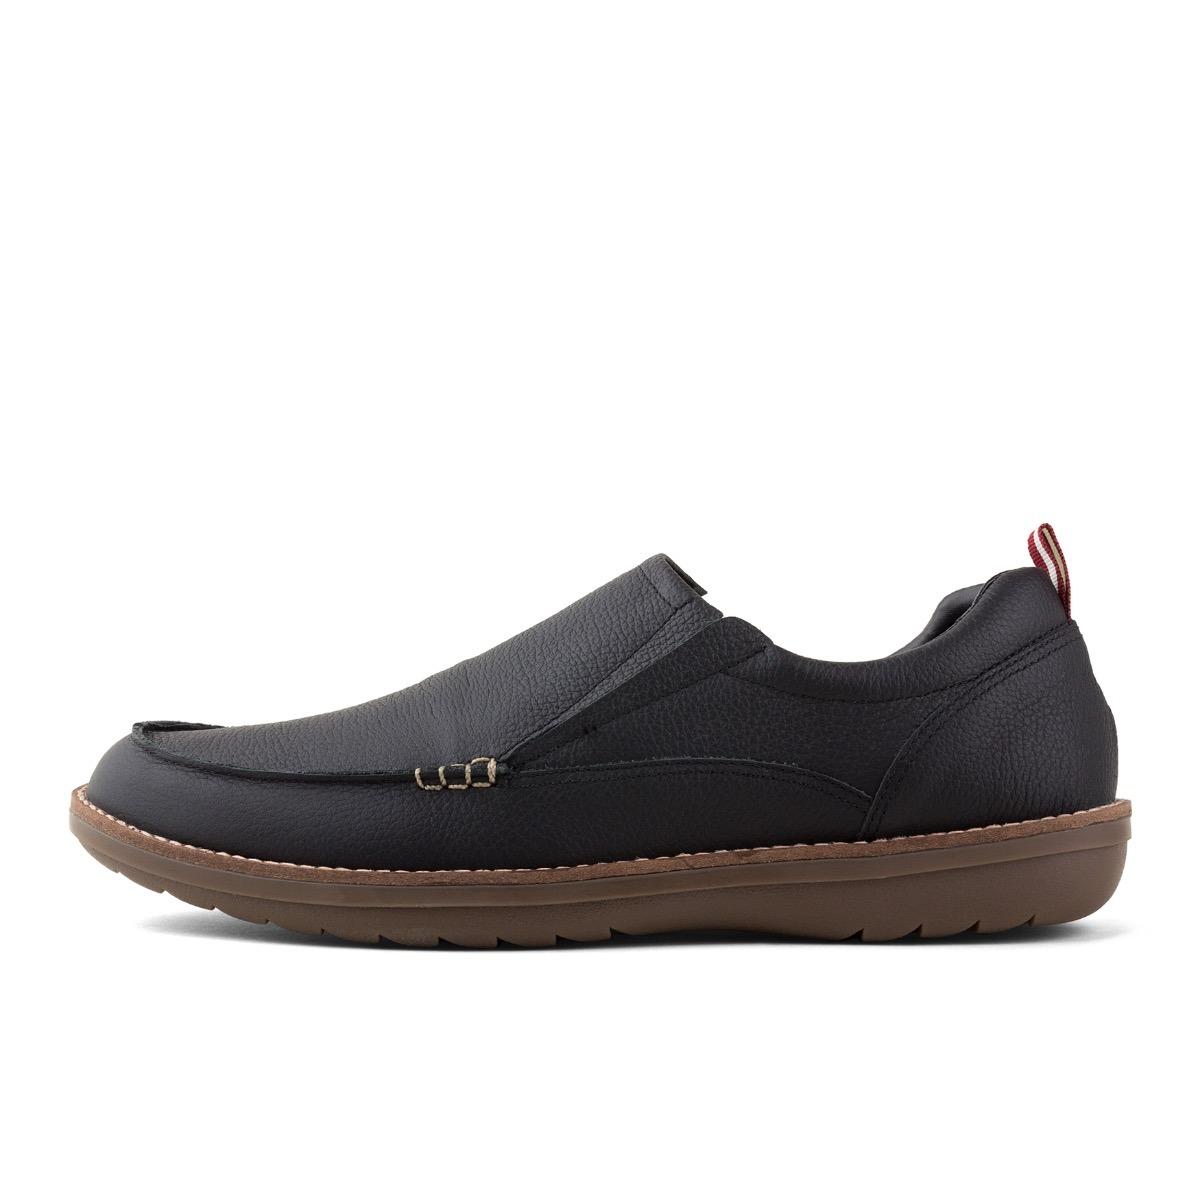 f8c938dc zapato mocasín negro atlantic cuero boating casual hombre. Cargando zoom.